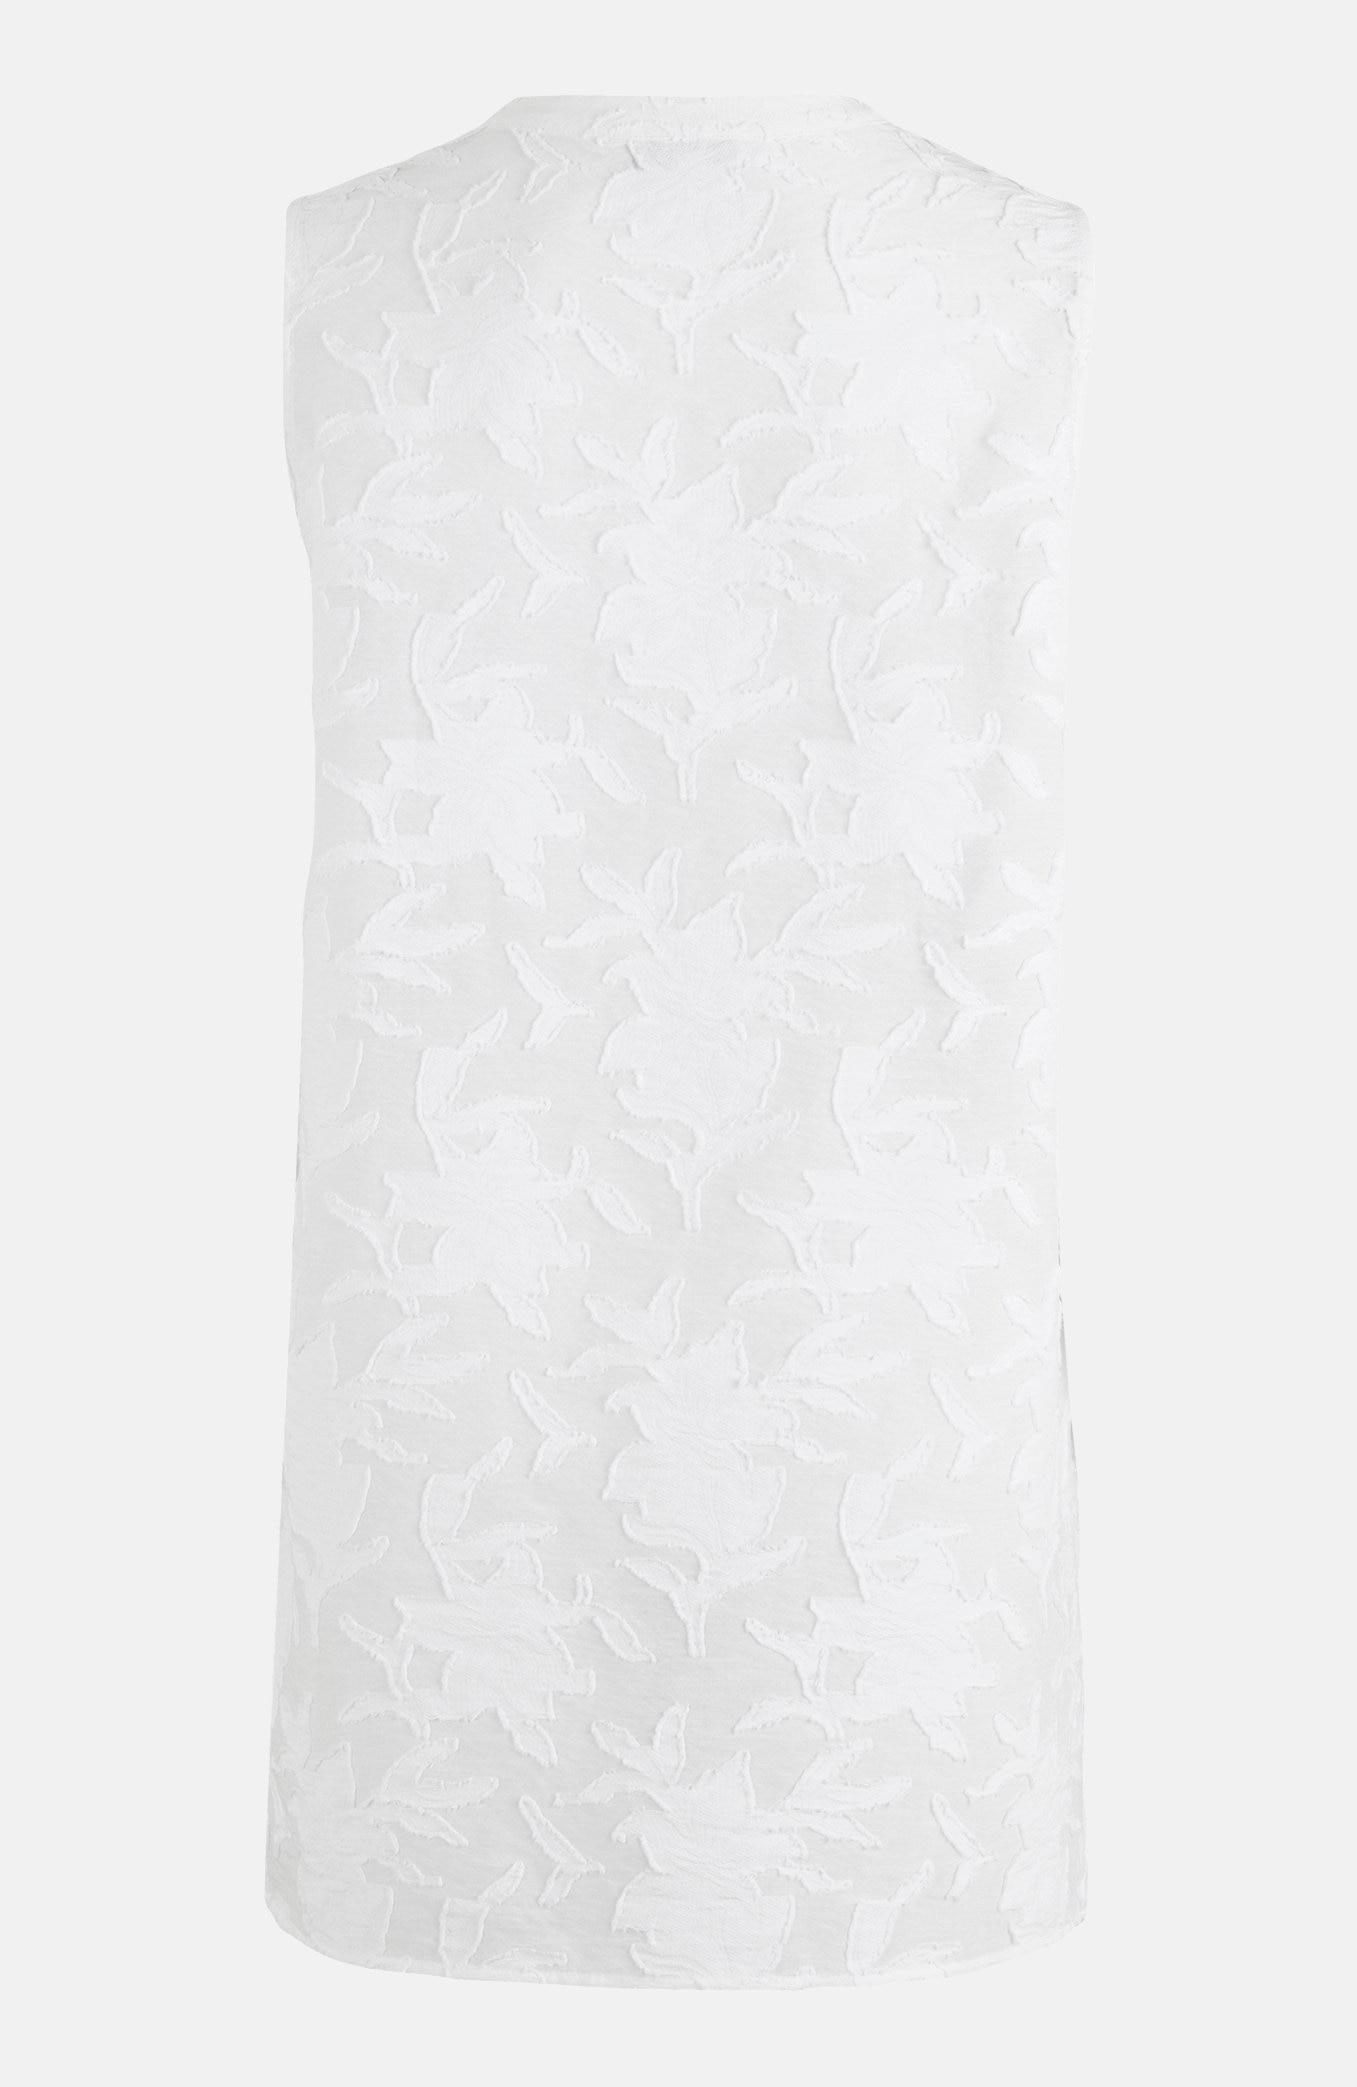 Jacquardmønstret, ermeløs bluse.